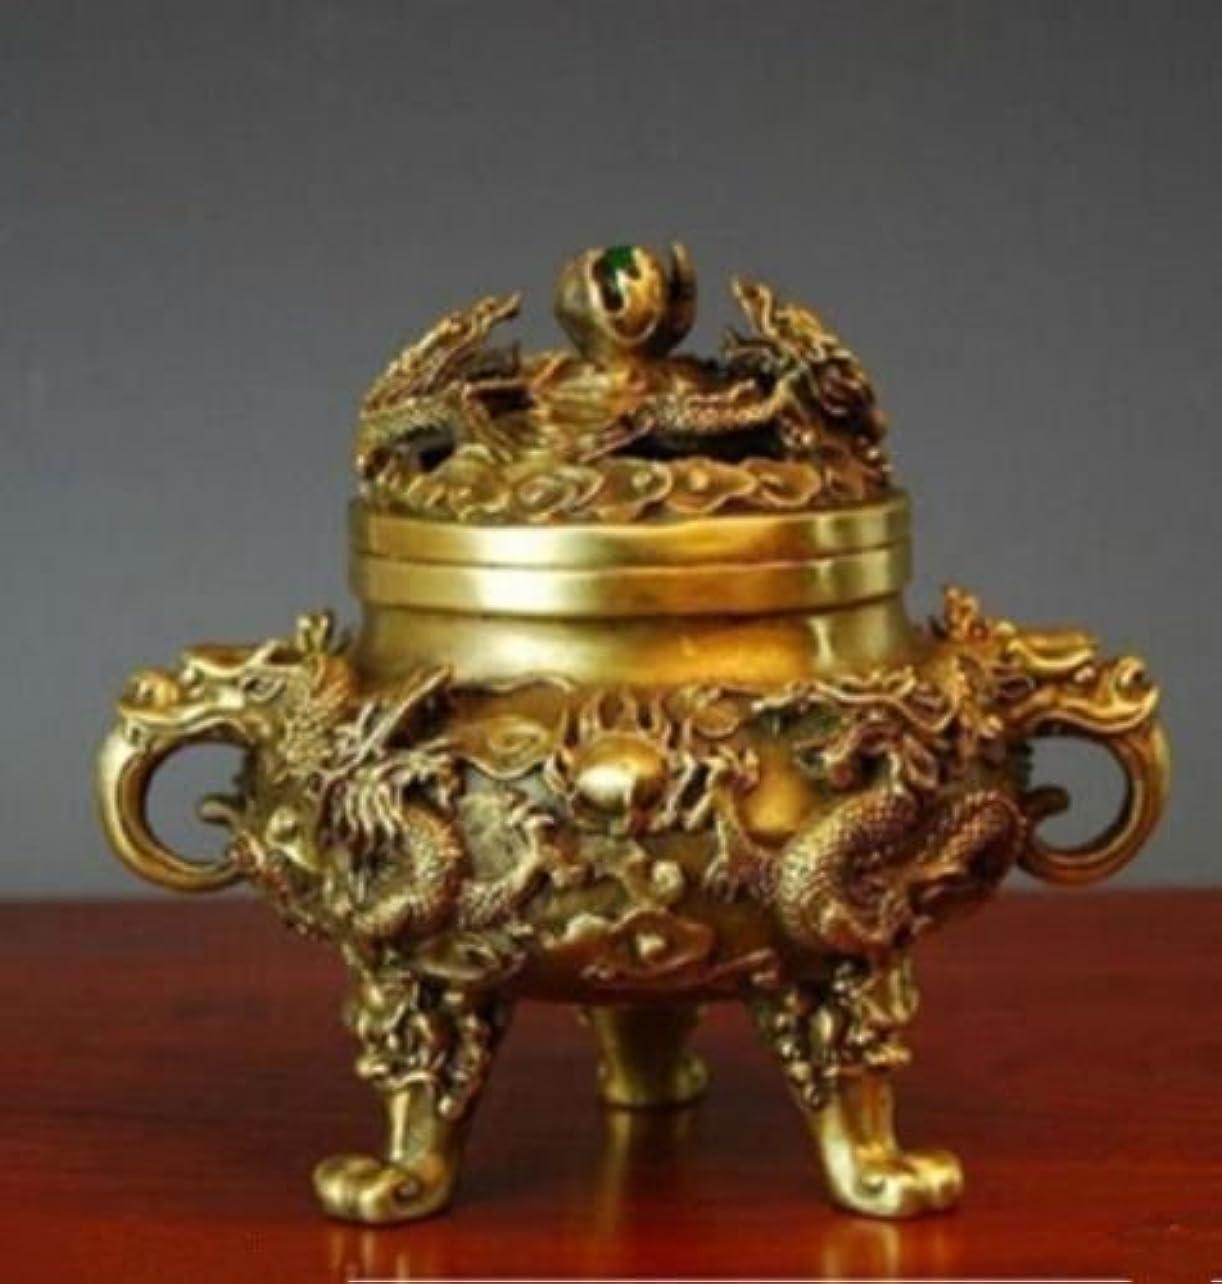 伸ばす静かに連隊コレクティブル中国の真鍮の九ドラゴンズ九龍香のバーナー (2)